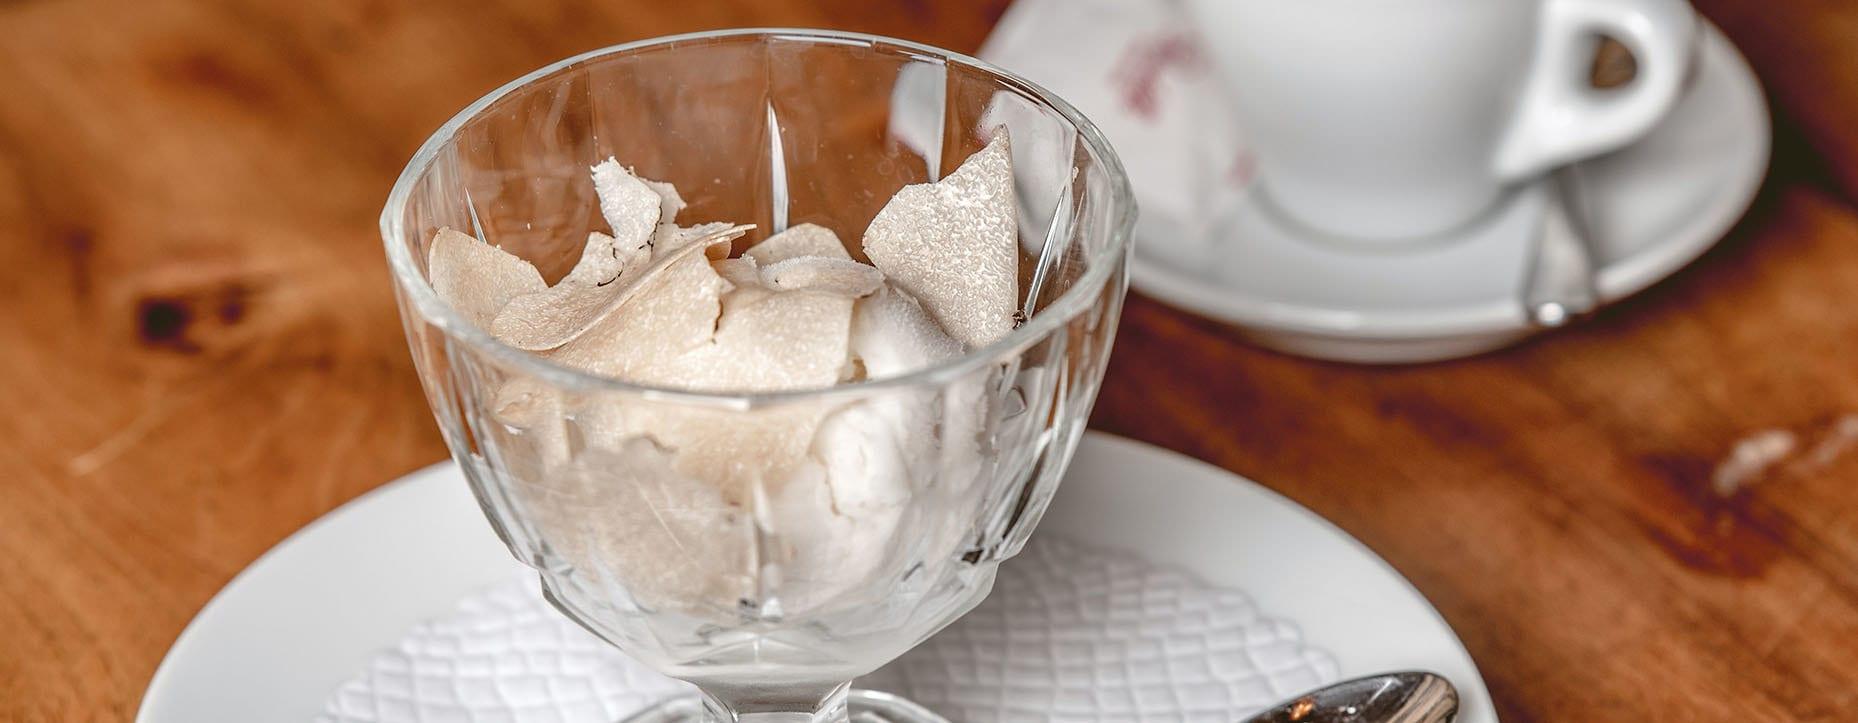 Gelato di vaniglia al tartufo